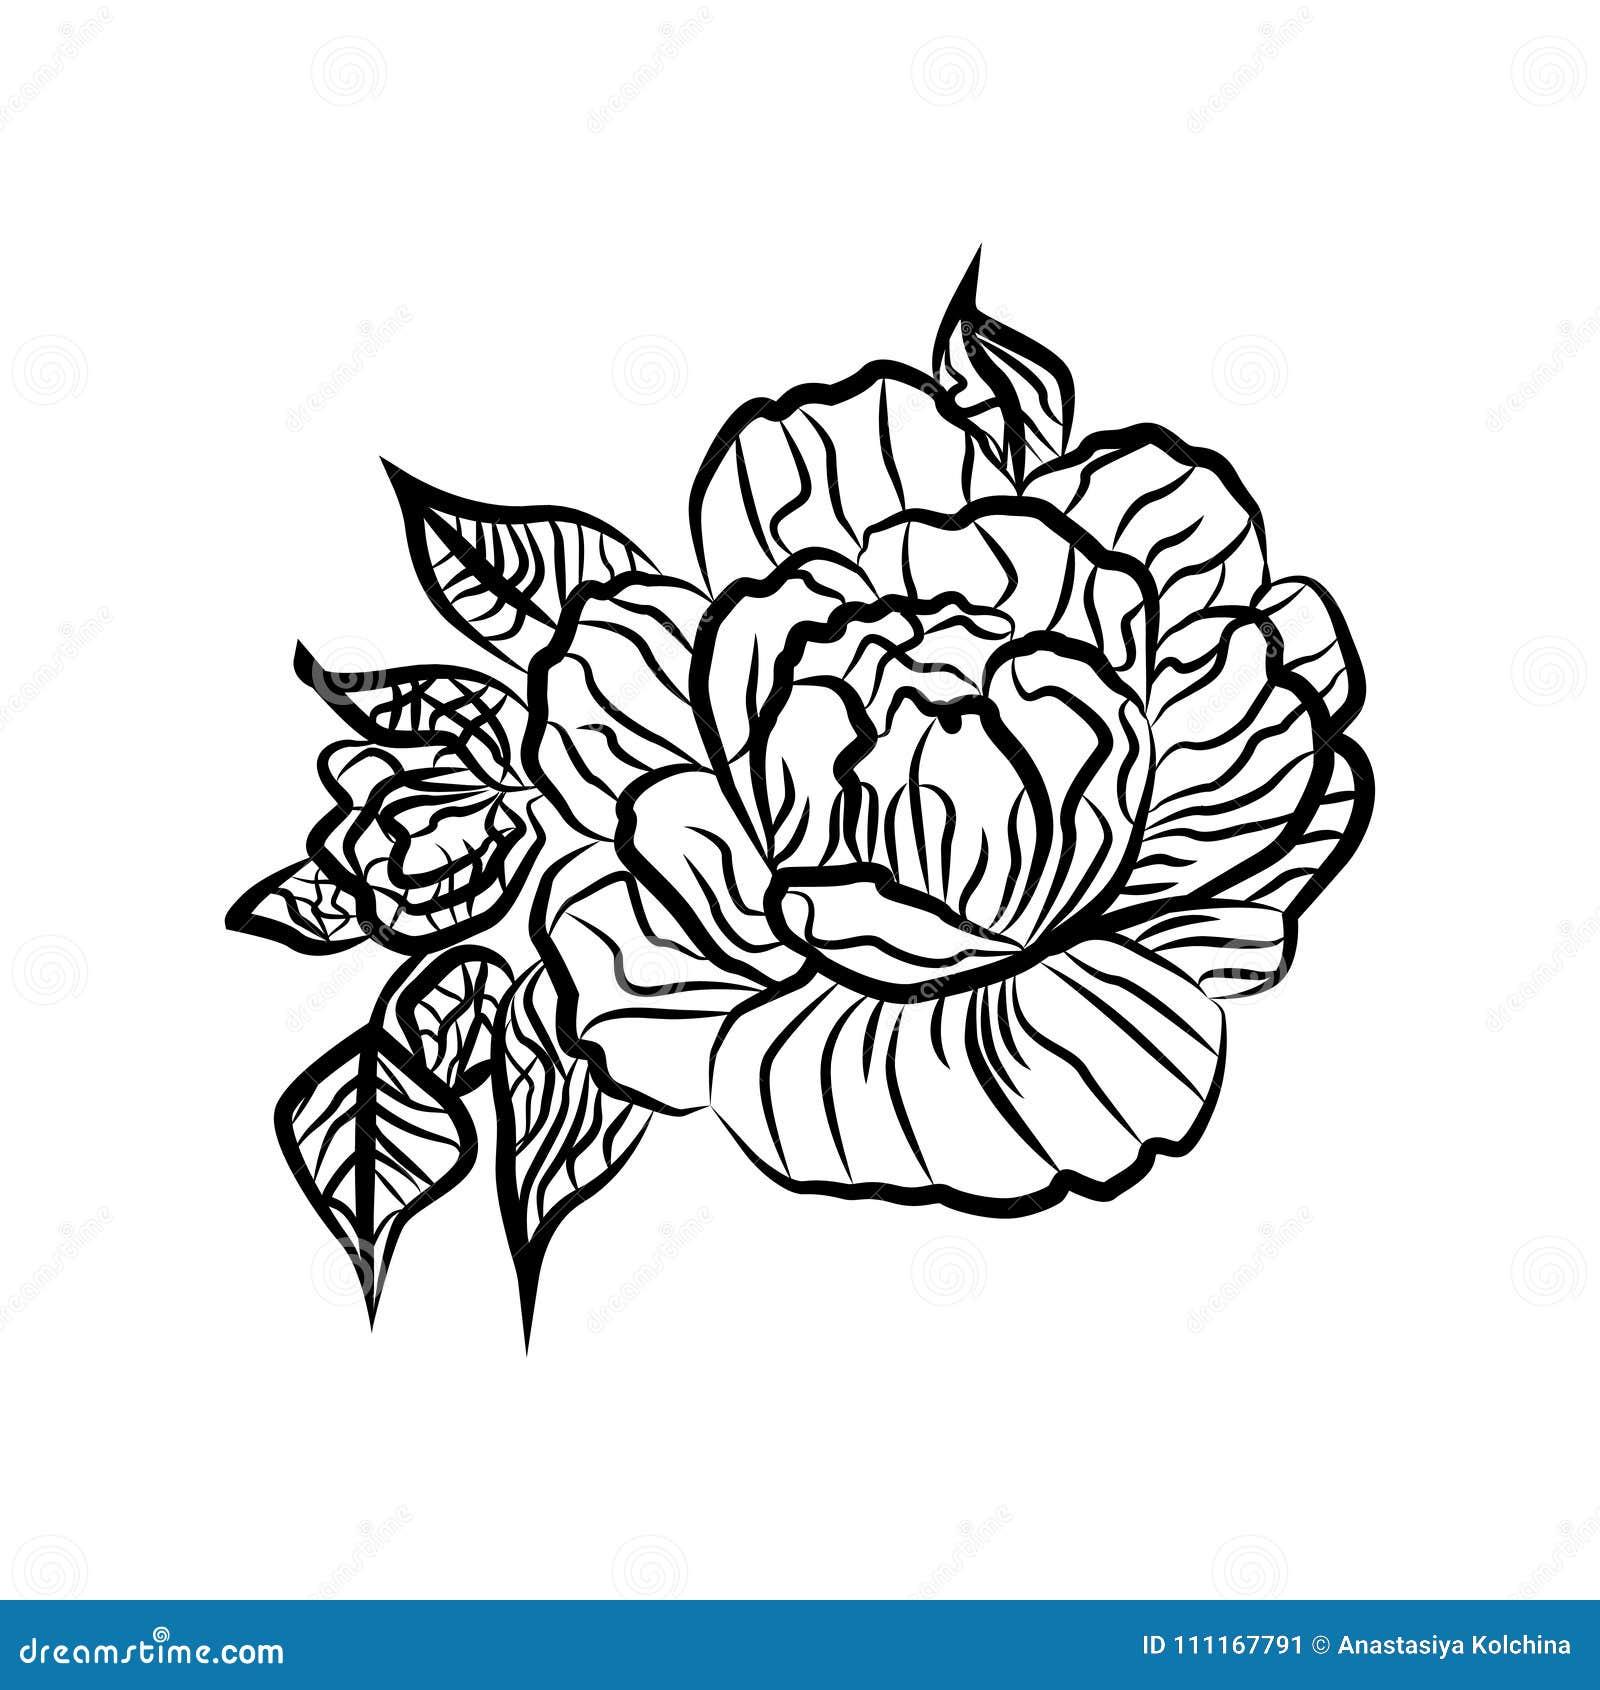 Desenho Preto E Branco De Uma Tatuagem Da Rosa Silhueta Do